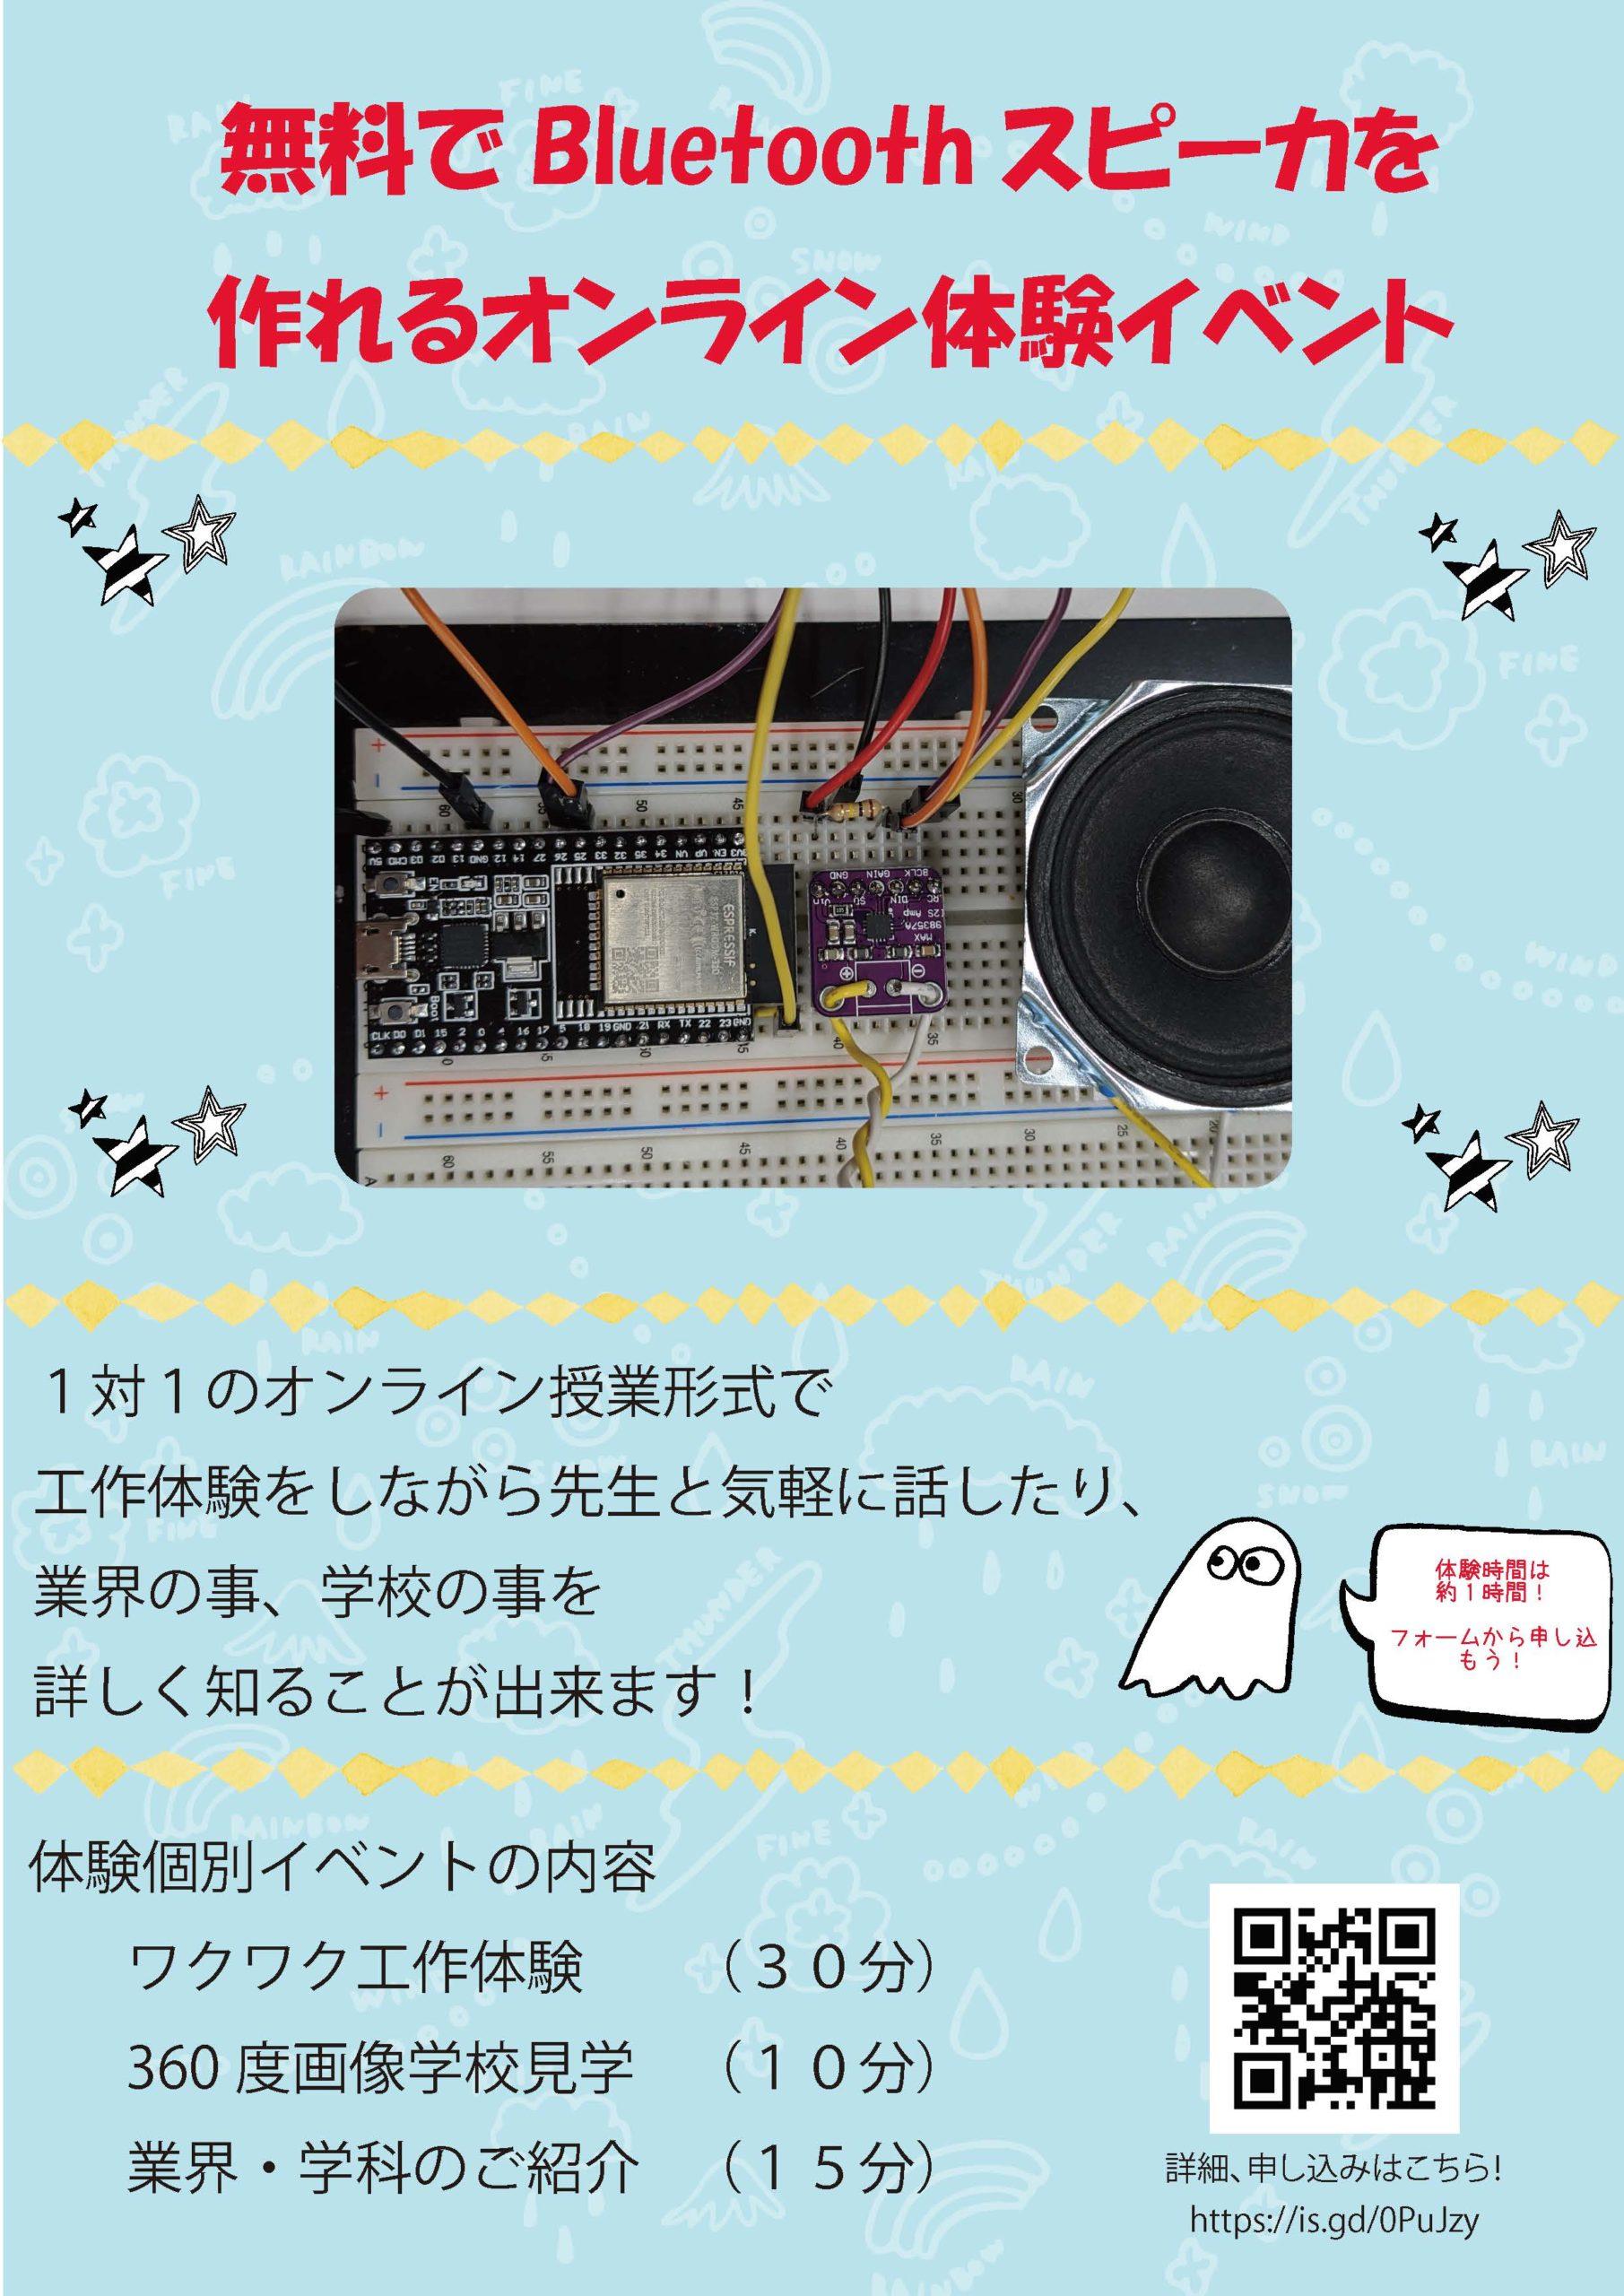 オンラインイベント開催!「Bluetoothスピーカの無料製作体験」